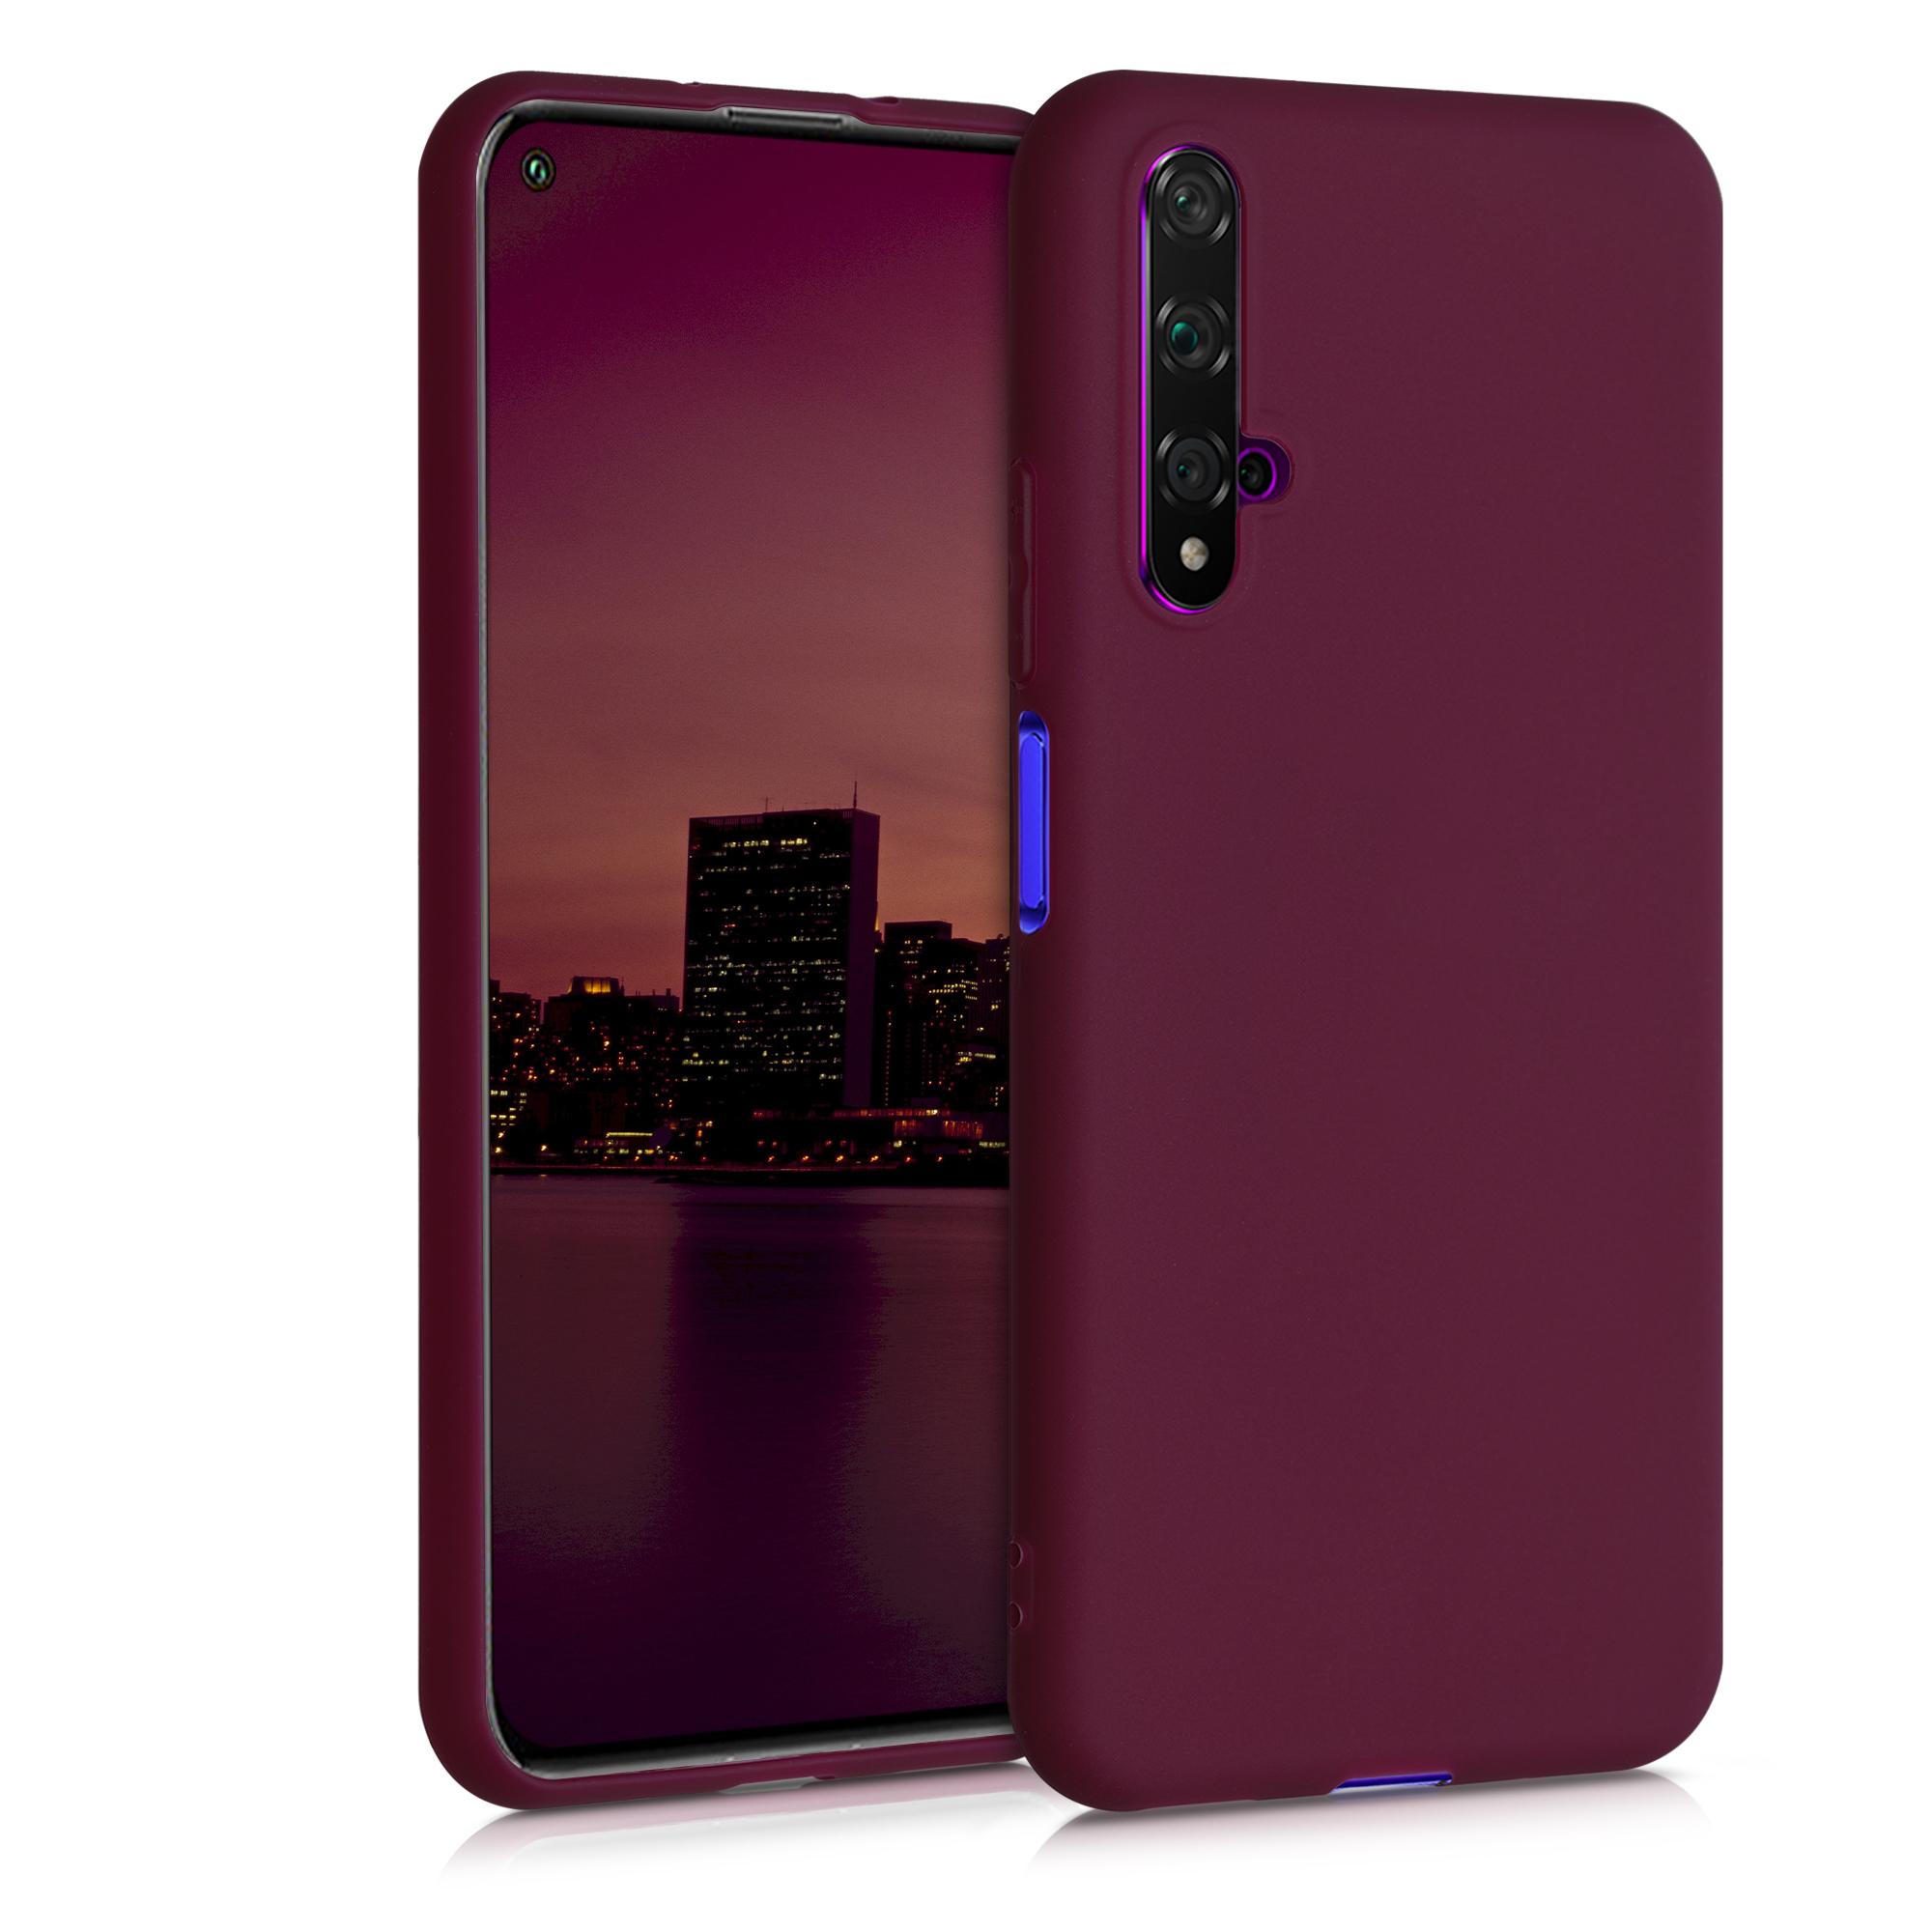 Vínové silikonové pouzdro / obal pro Huawei Nova 5T